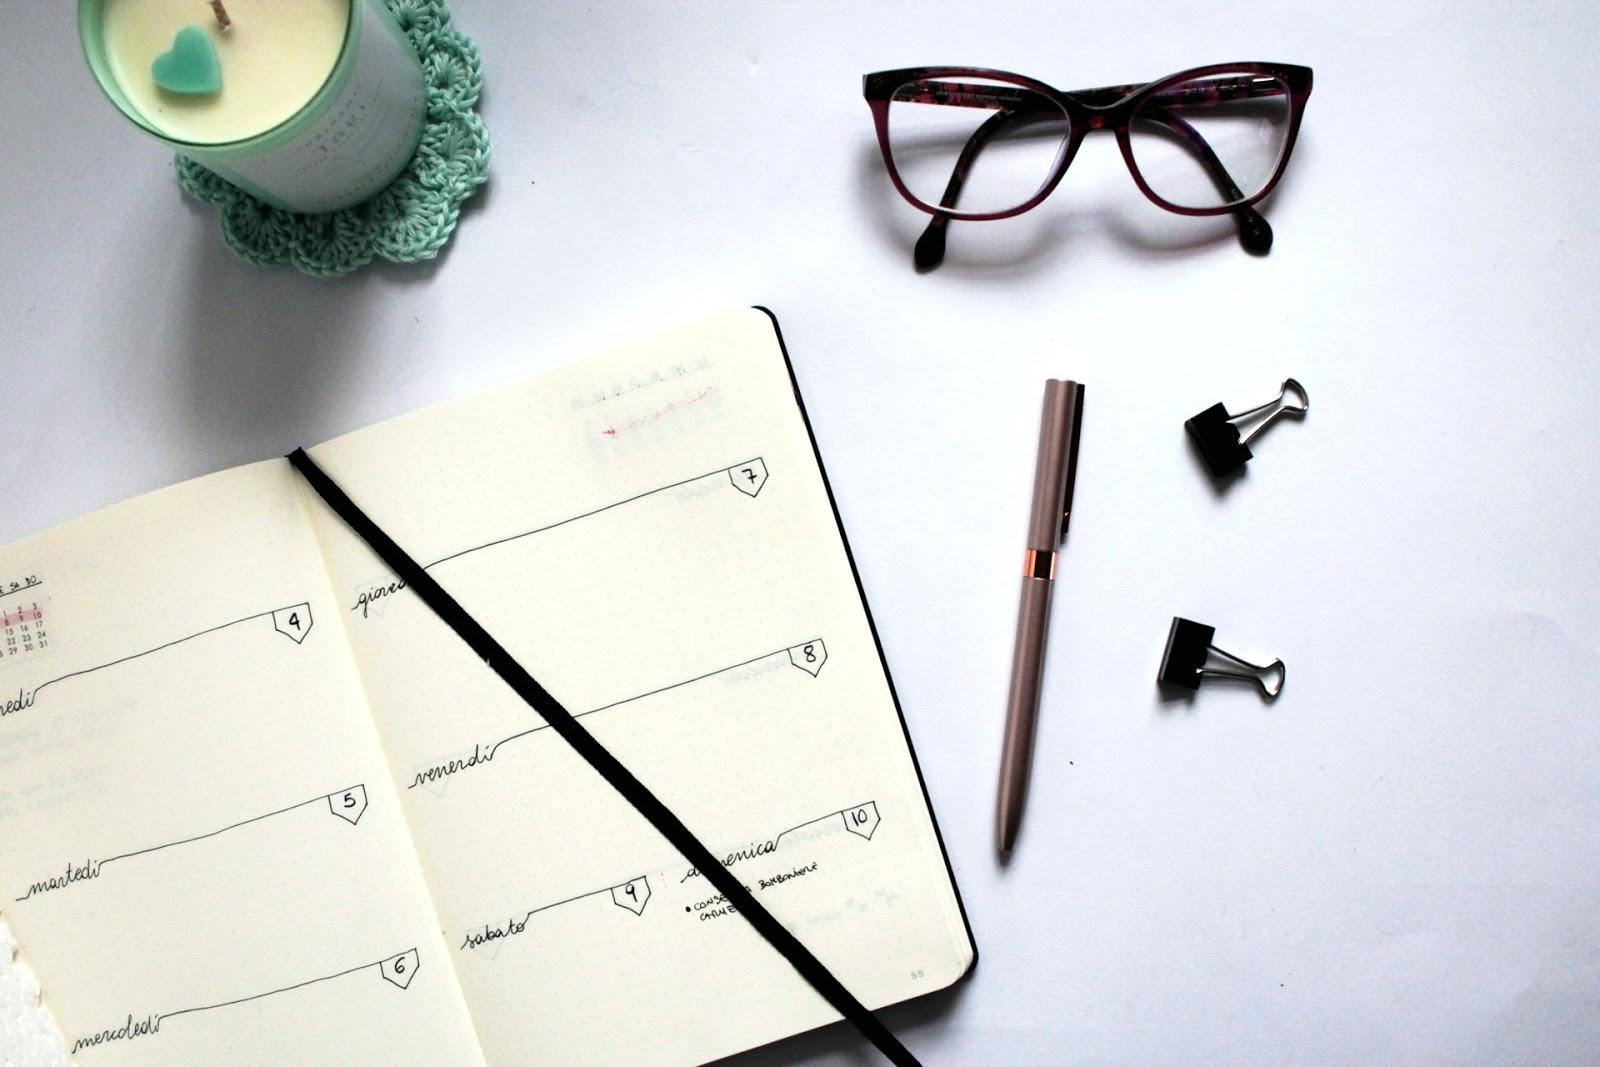 6-consigli-per-mantenere-l'agenda-funzionante